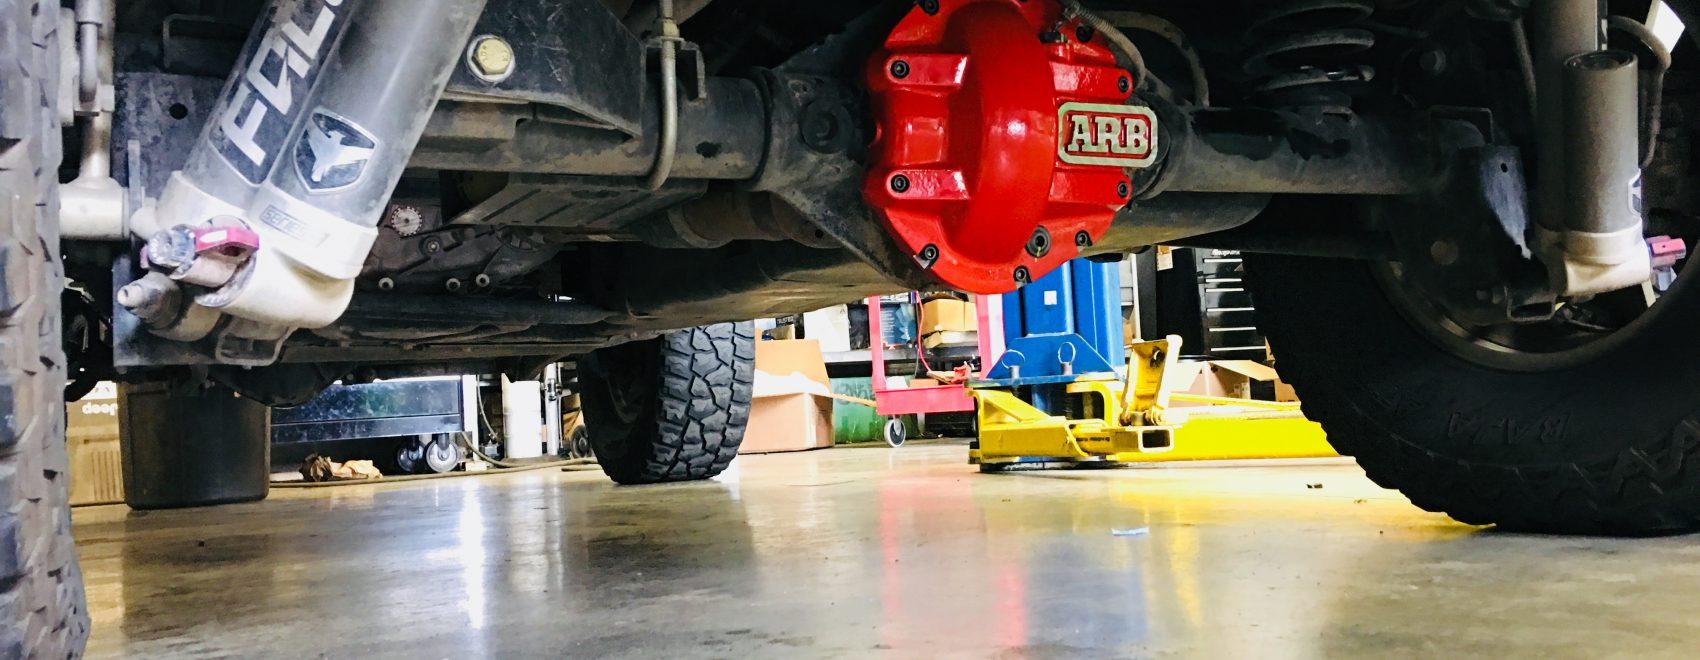 overlanding Jeep build drivetrain